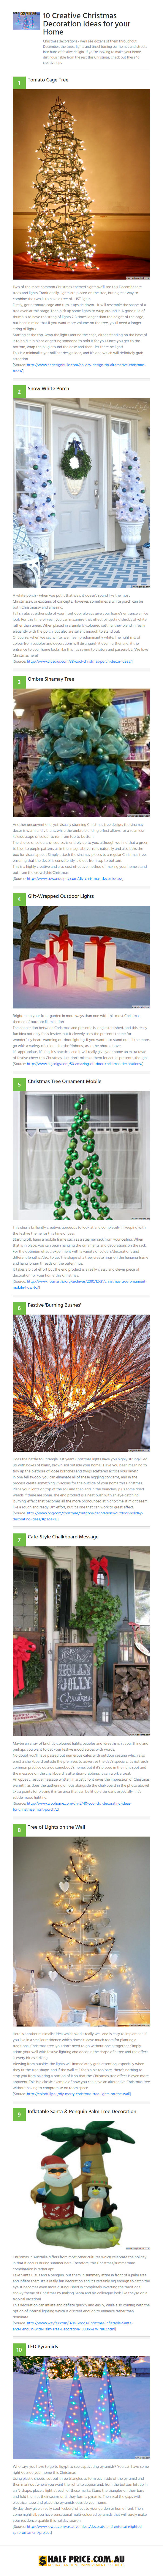 Christmas Decorating Ideas – A List